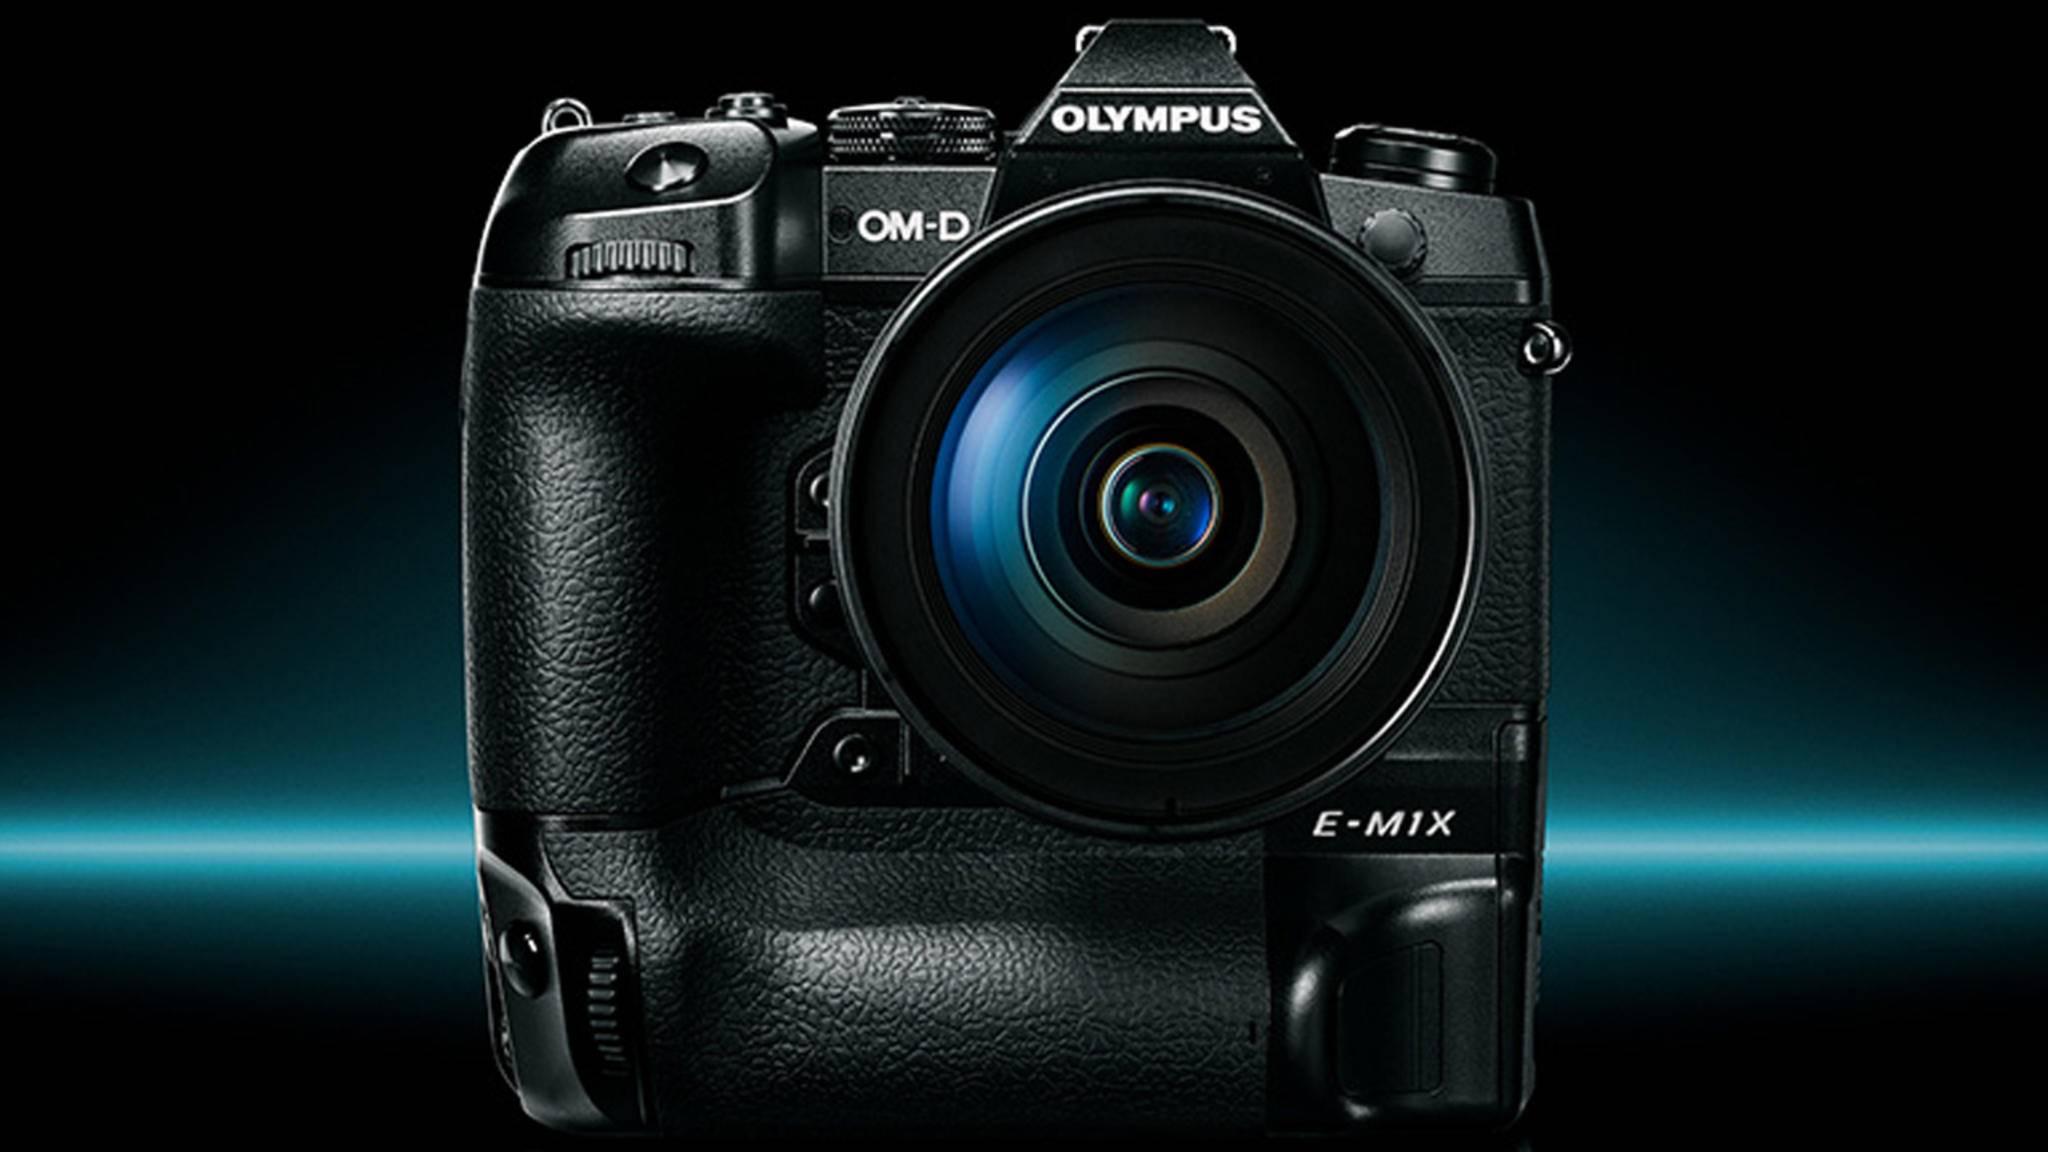 Olympus hat eine neue Profi-Kamera vorgestellt: die OM-D E-M1X.